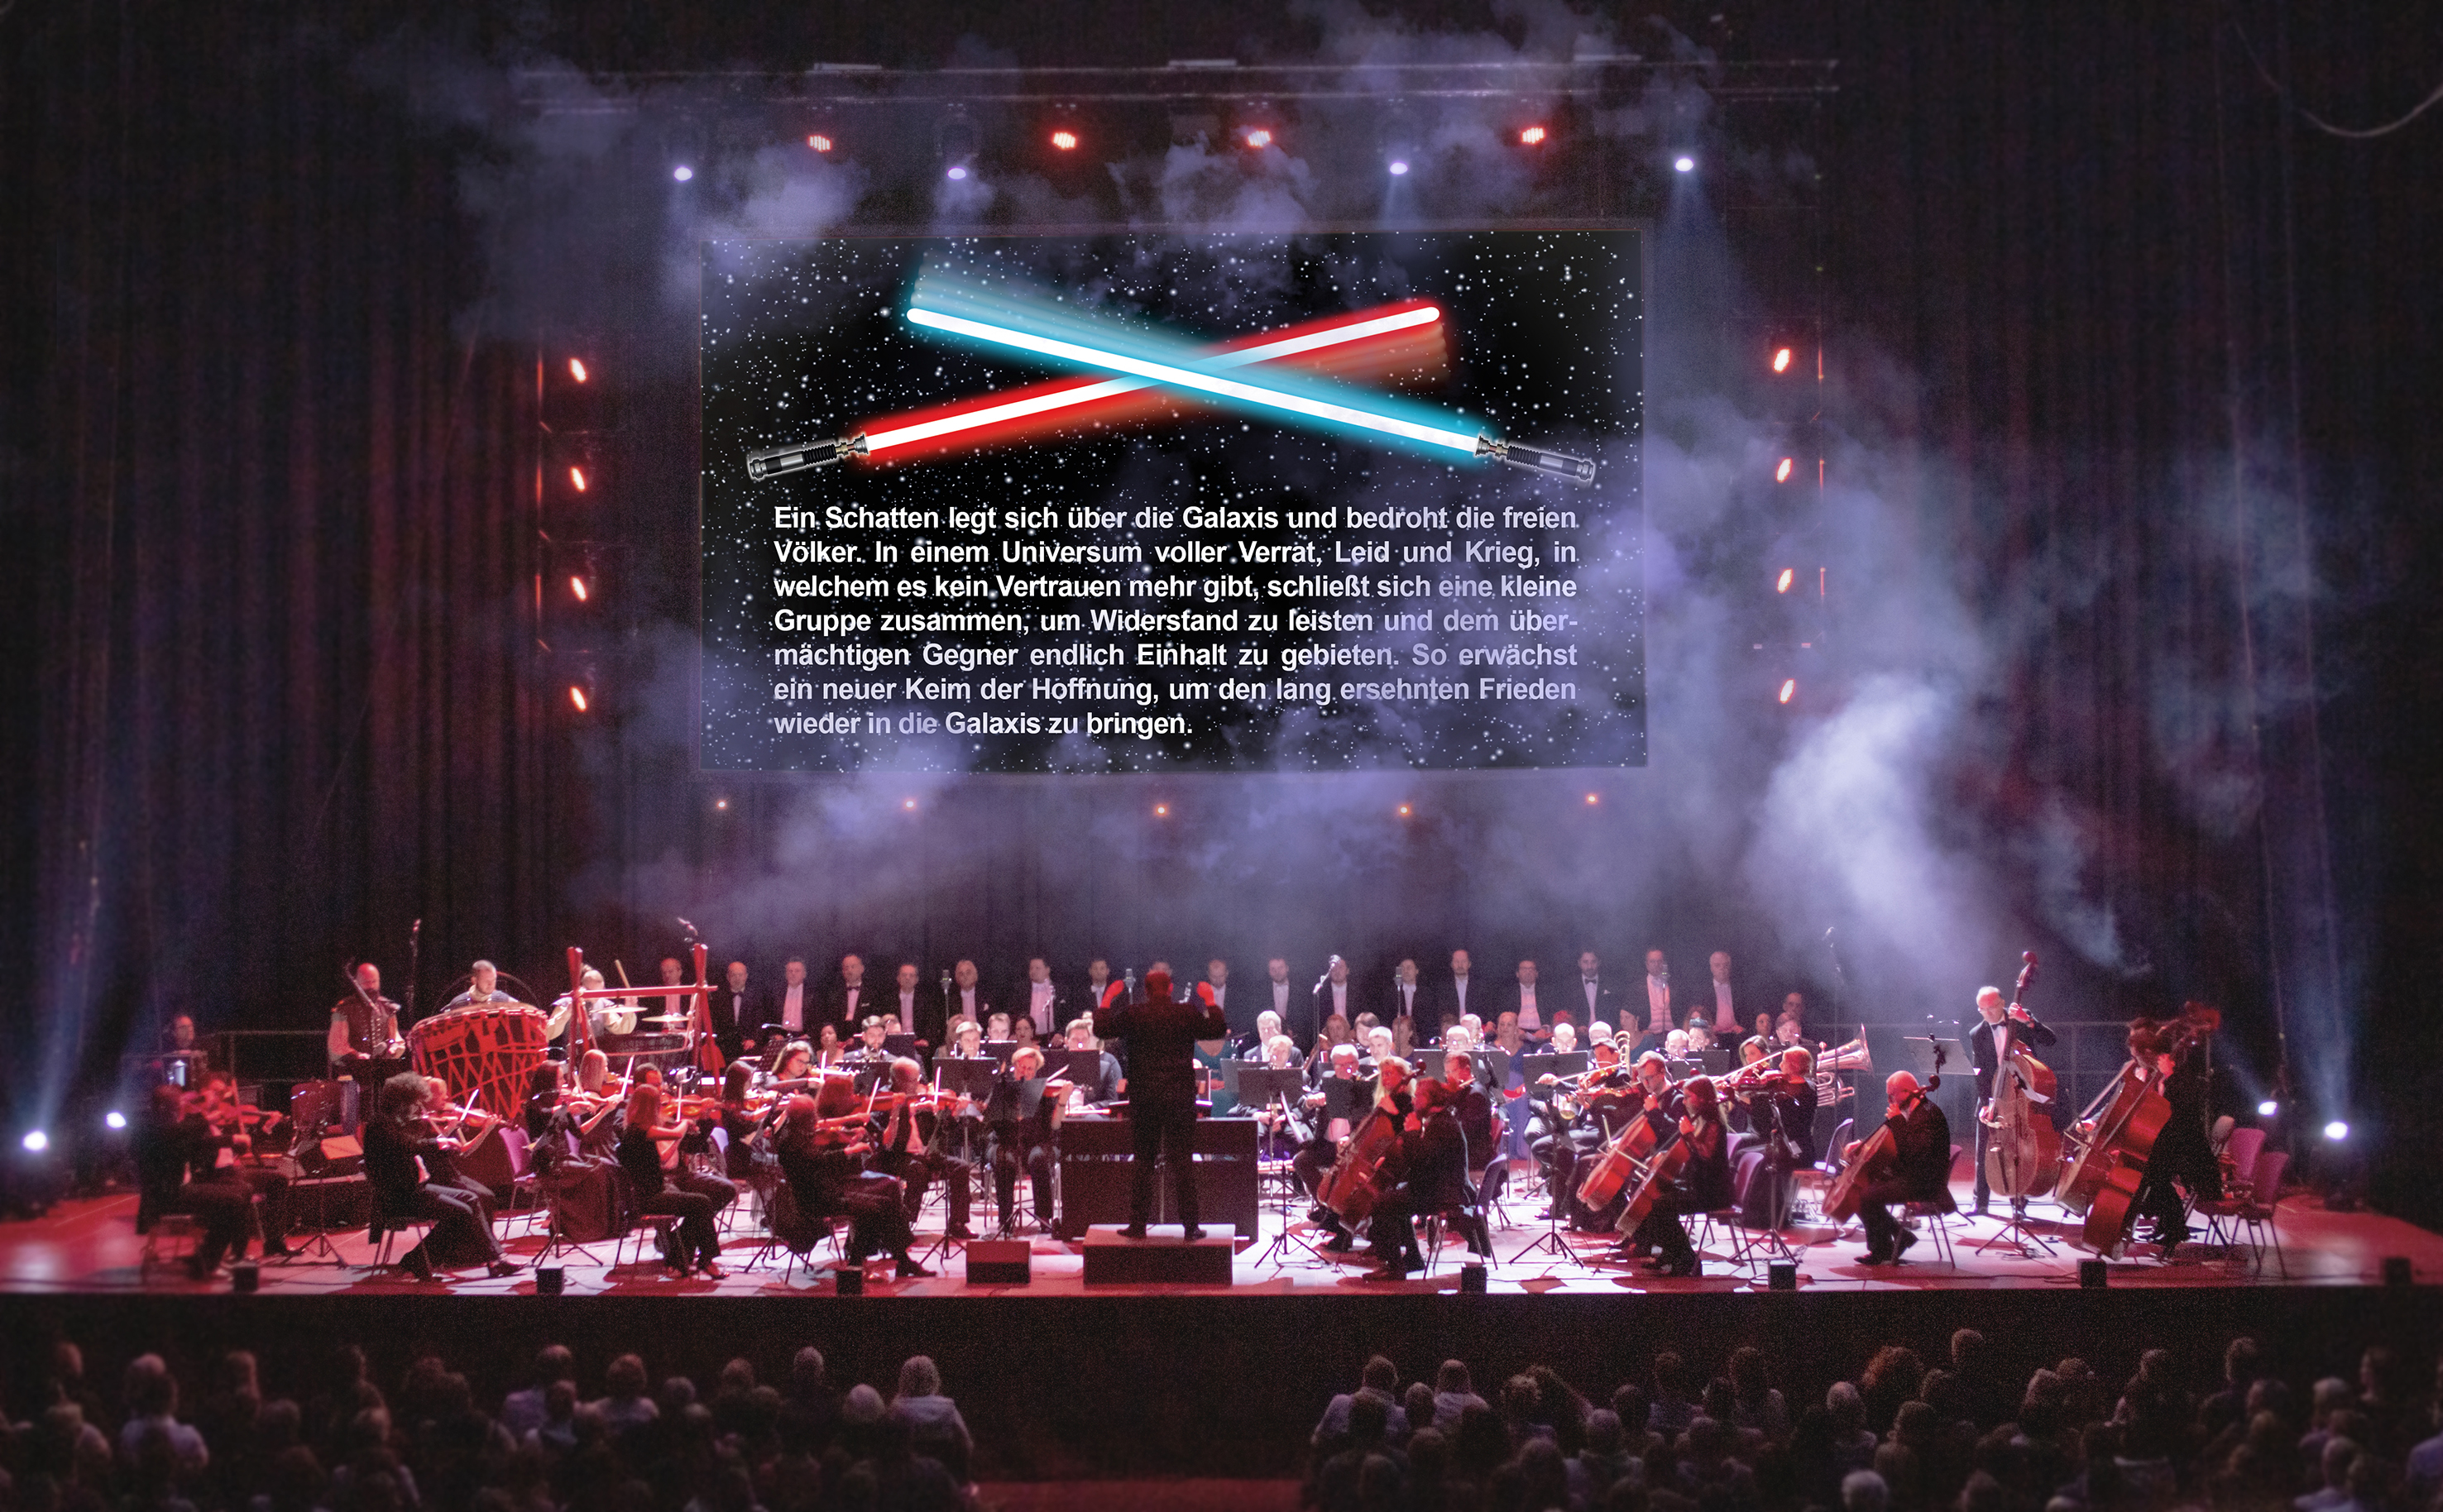 """Mit """"The Music of Star Wars – Live in Concert"""" bringt Highlight Concerts eine Premiere auf die Bühne © Highlight Concerts GmbH"""